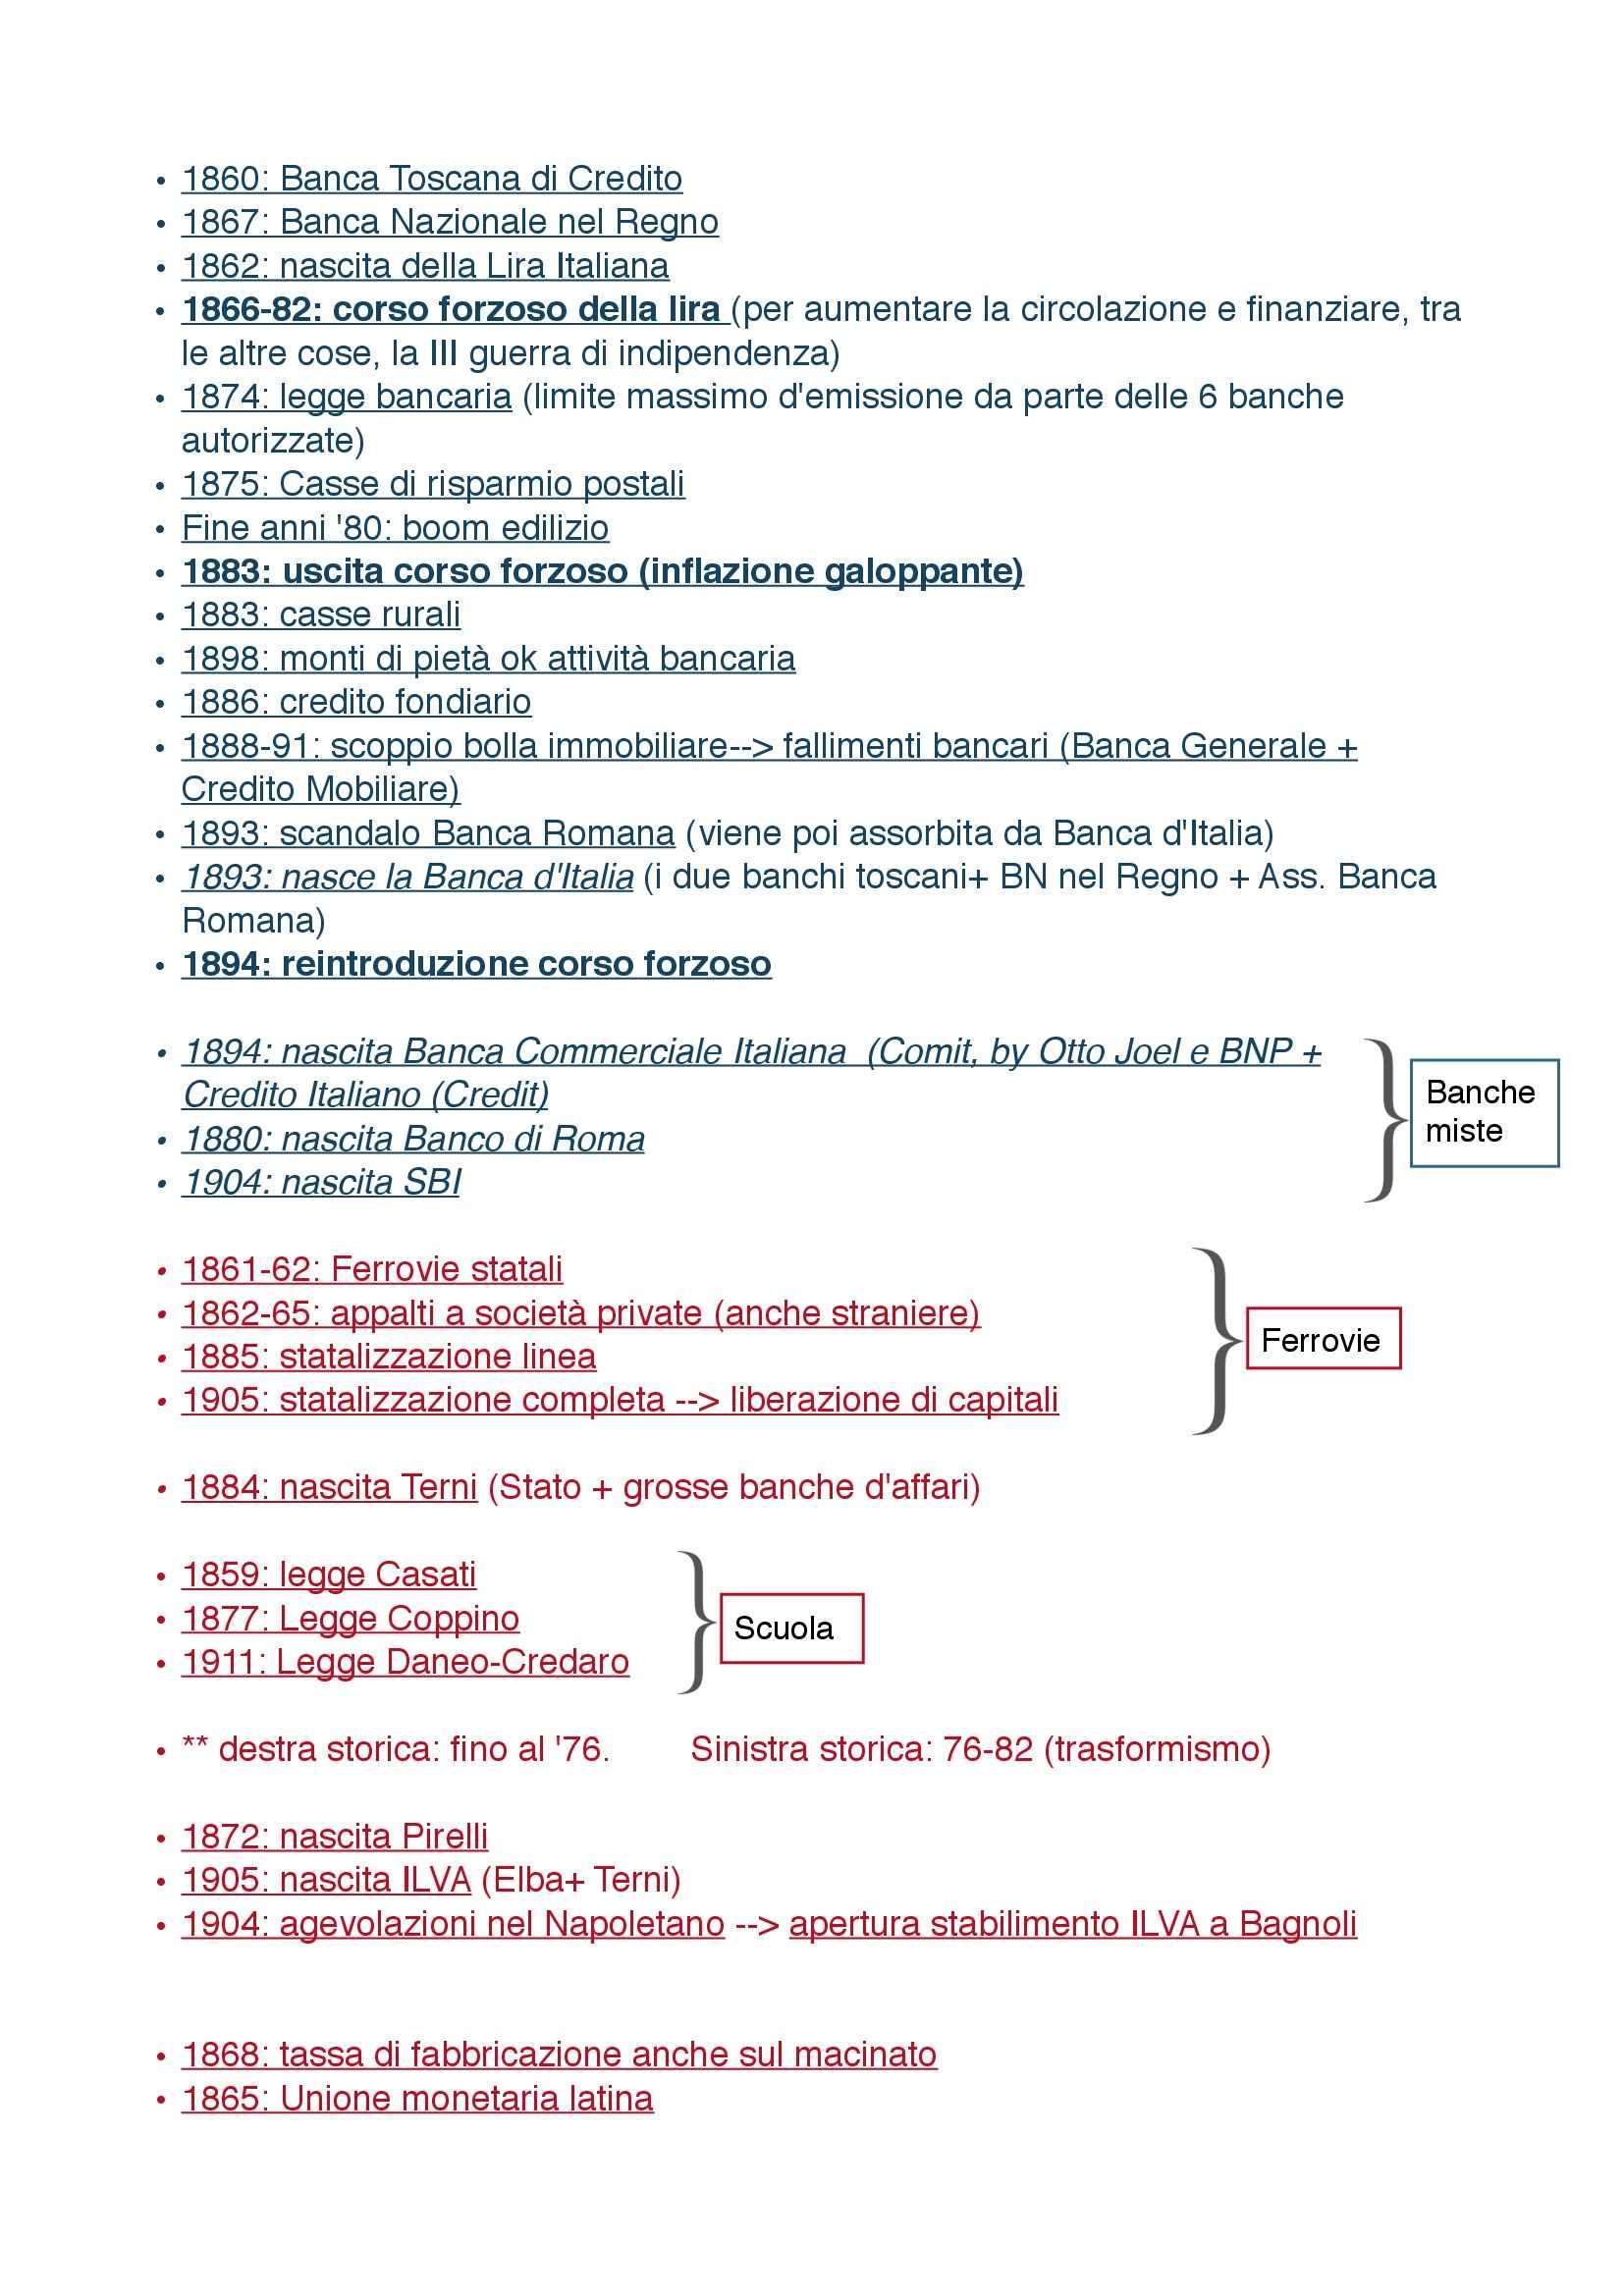 Date da sapere - cronologia eventi storia economica II parziale Pag. 2